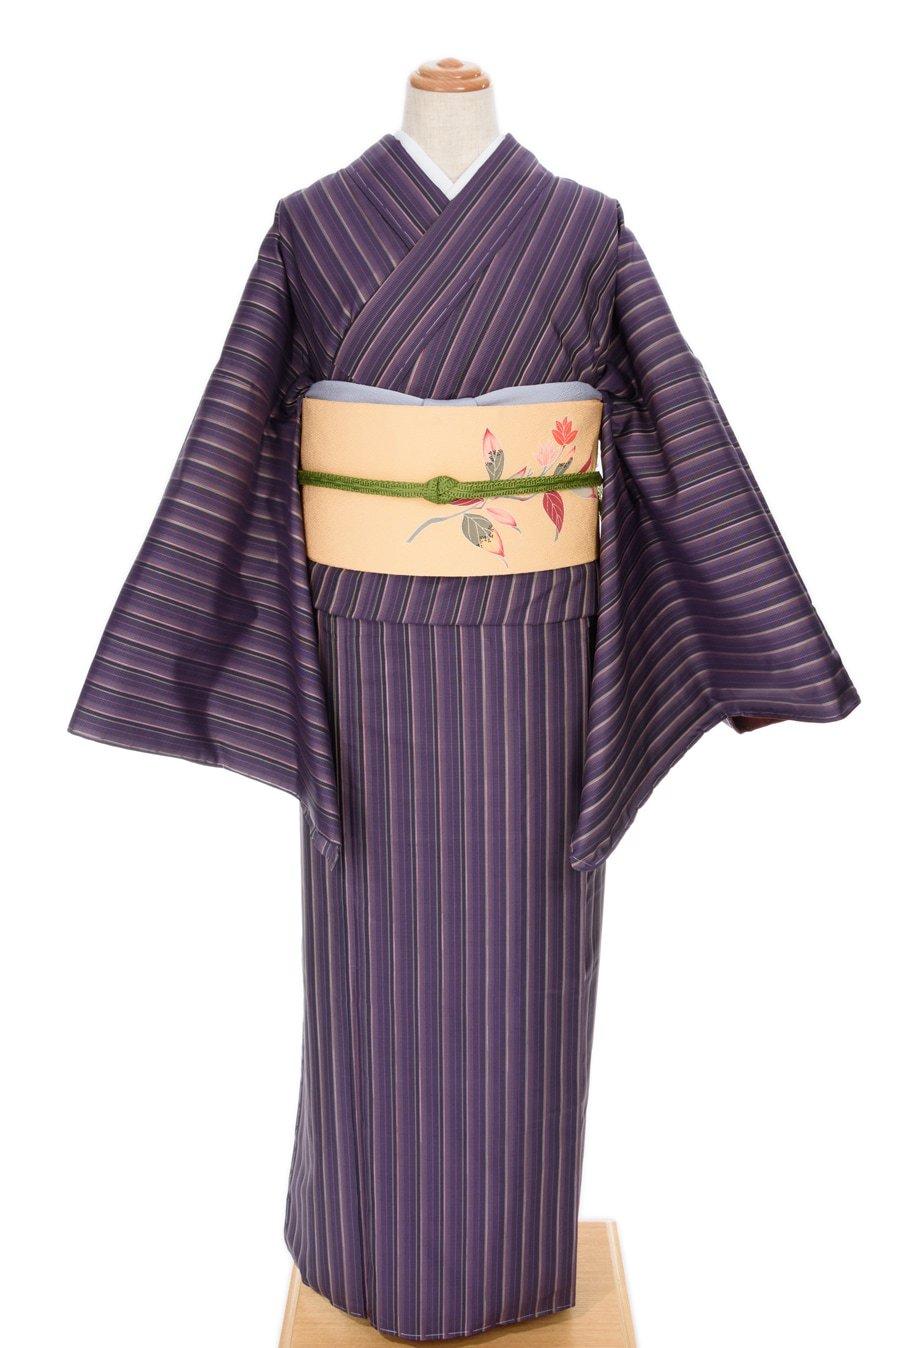 「大島紬 紫の縞」の商品画像